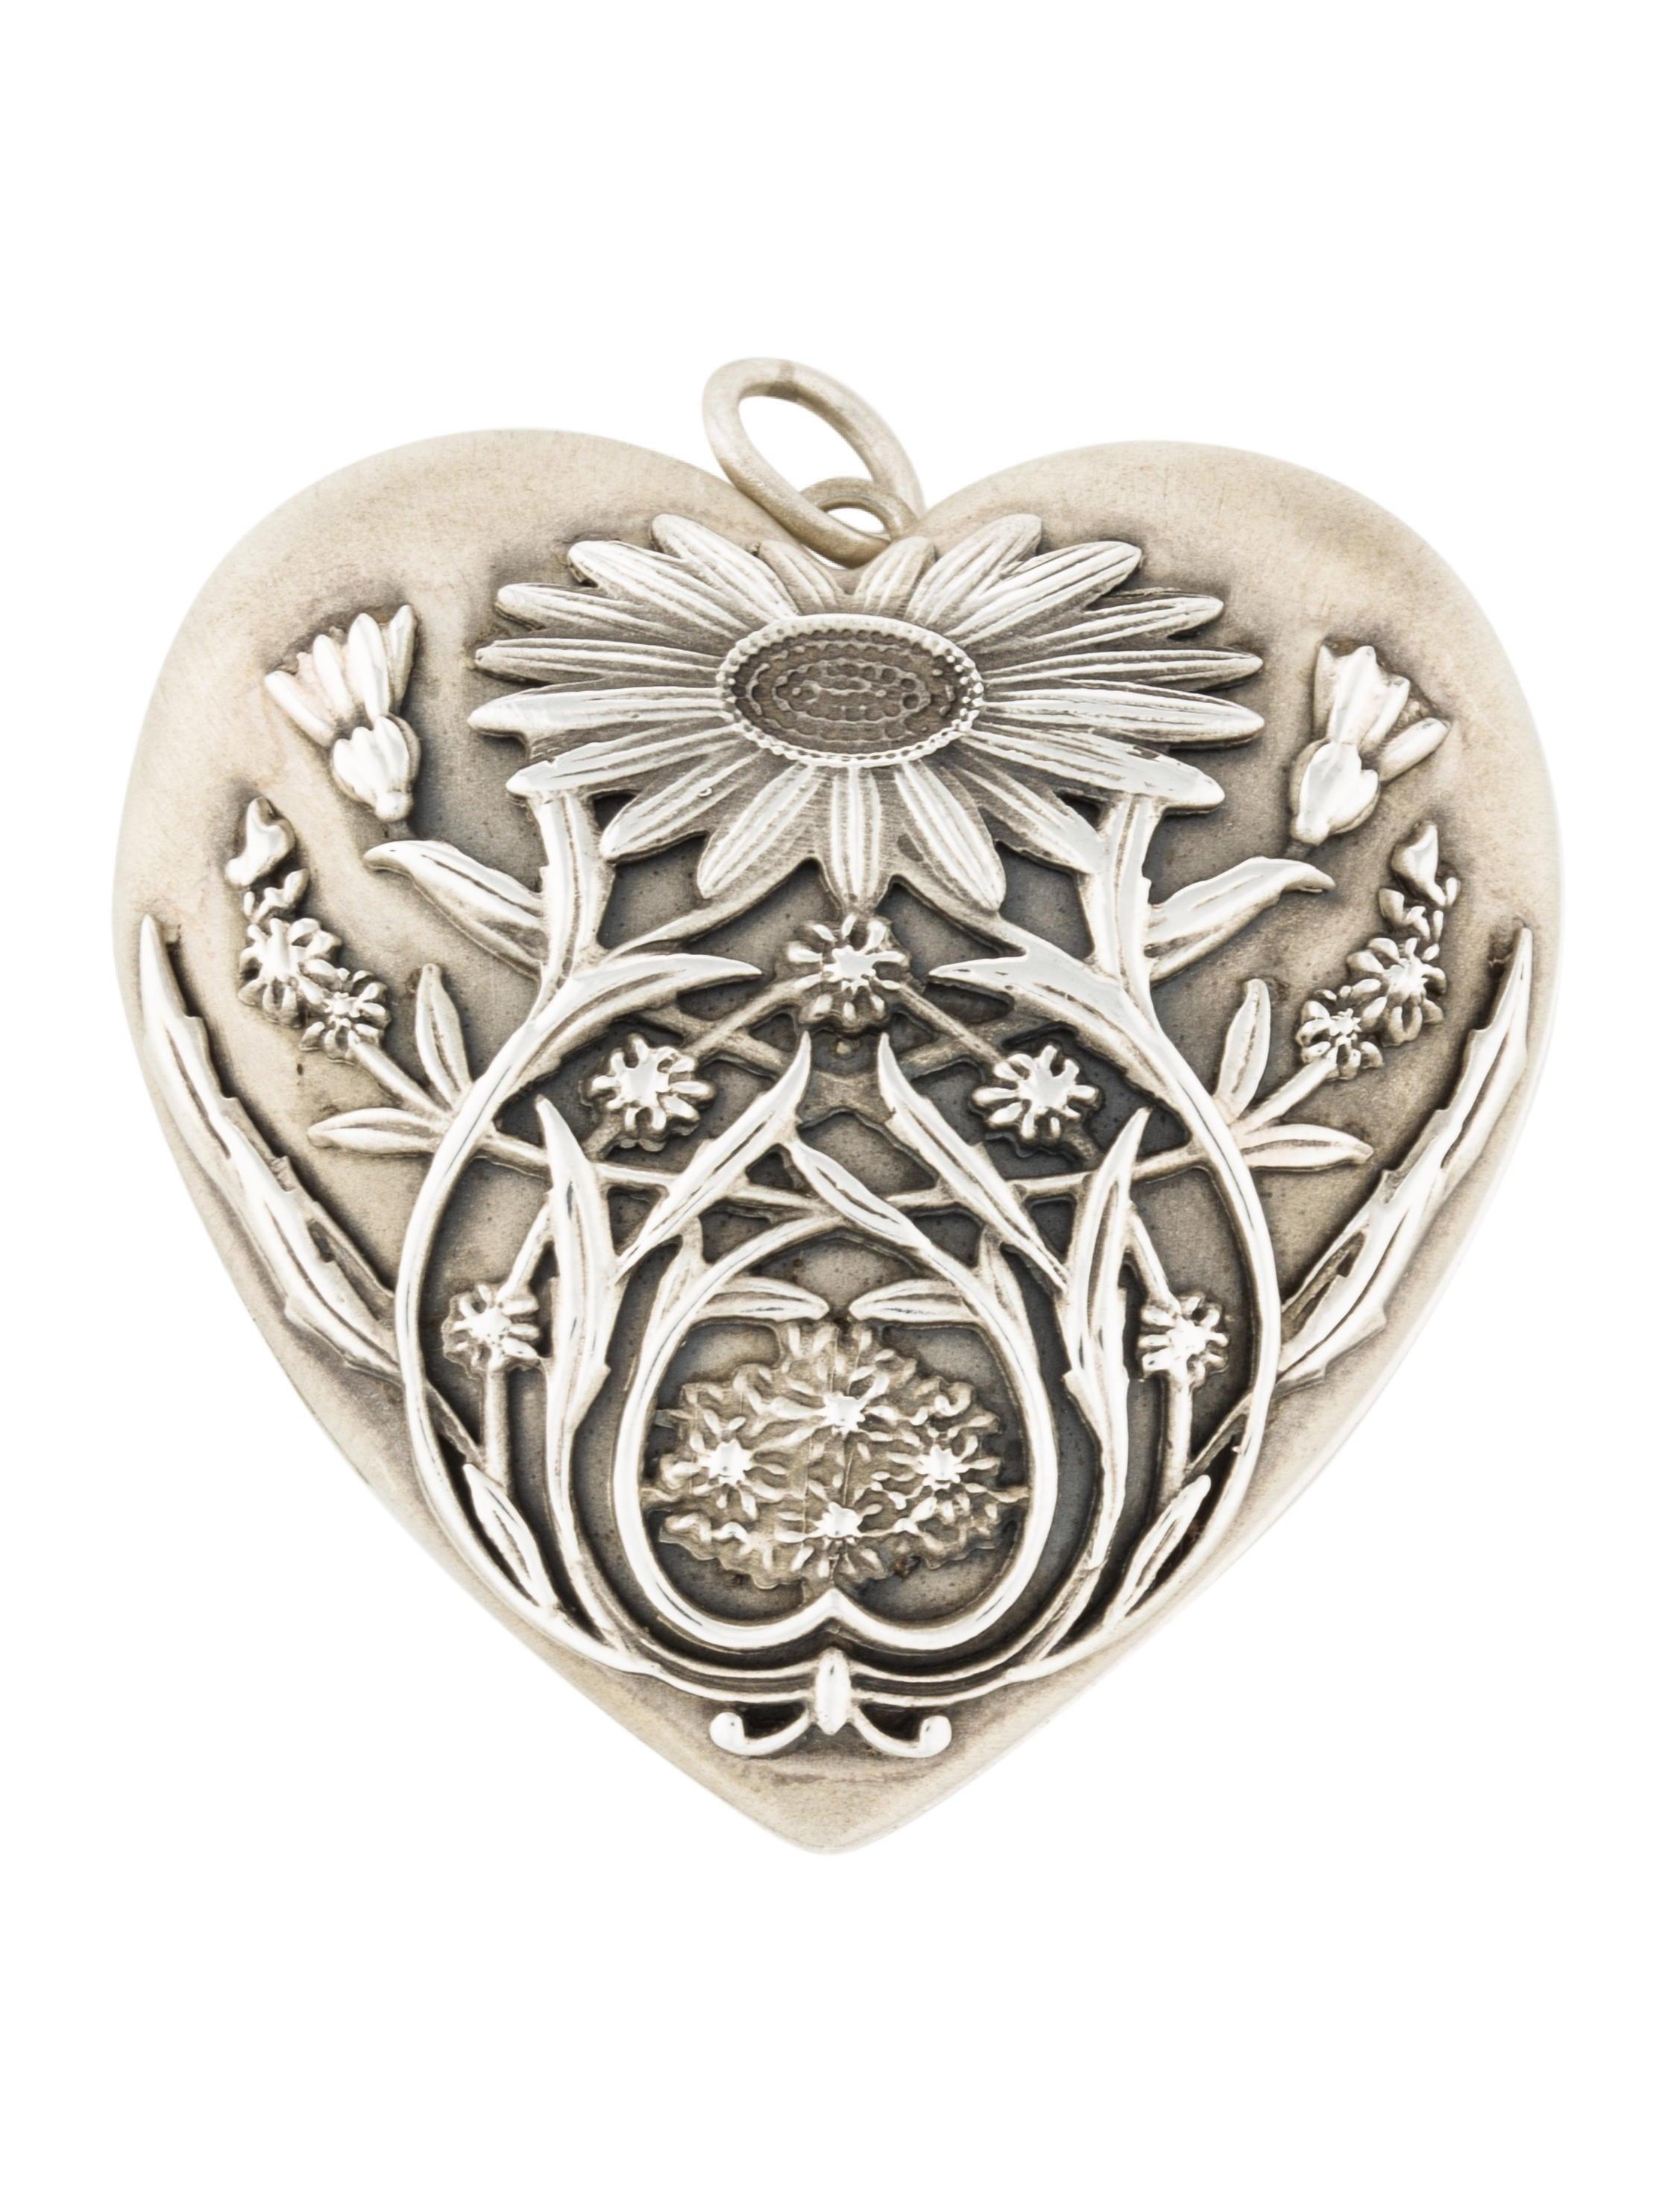 8475a8fed67 Tiffany   Co. Ziegfeld Daisy Heart Locket Pendant - Necklaces ...